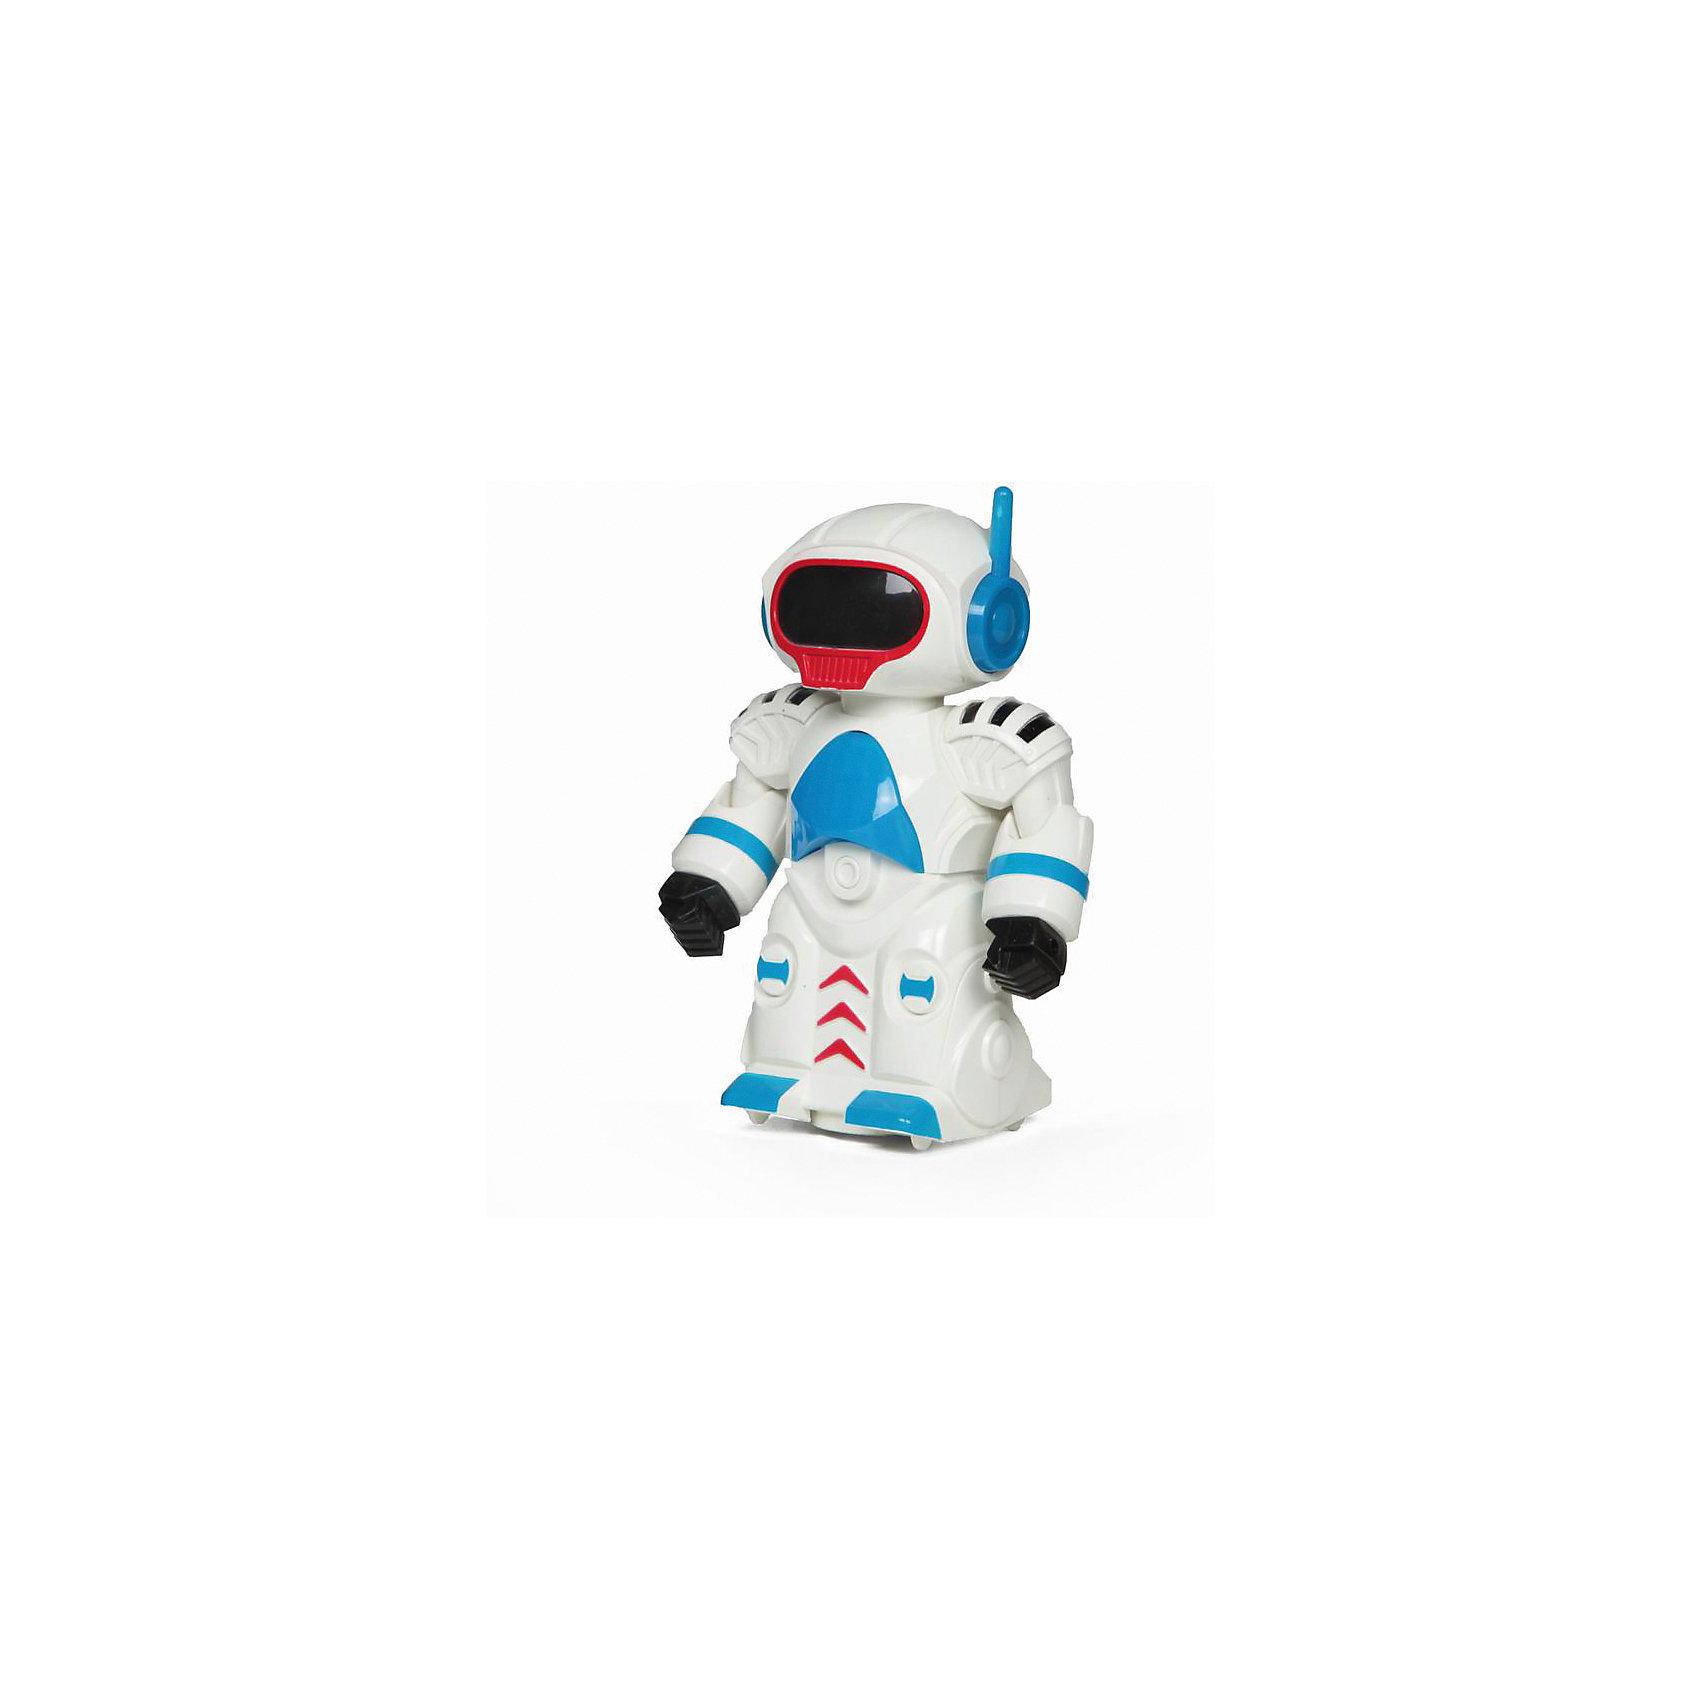 Робот на радиоуправлении Yako Toys, сенсорныйРоботы-игрушки<br>Размер робота:   Высота - 19 см    Ширина - 13,5 см    Глубина - 8 см. Робот вращается на 360?, светится красочными цветами, звуки. 3 батарейки 1.5V AA, в комплект не входят.<br><br>Ширина мм: 210<br>Глубина мм: 140<br>Высота мм: 80<br>Вес г: 300<br>Возраст от месяцев: 36<br>Возраст до месяцев: 72<br>Пол: Мужской<br>Возраст: Детский<br>SKU: 7172264